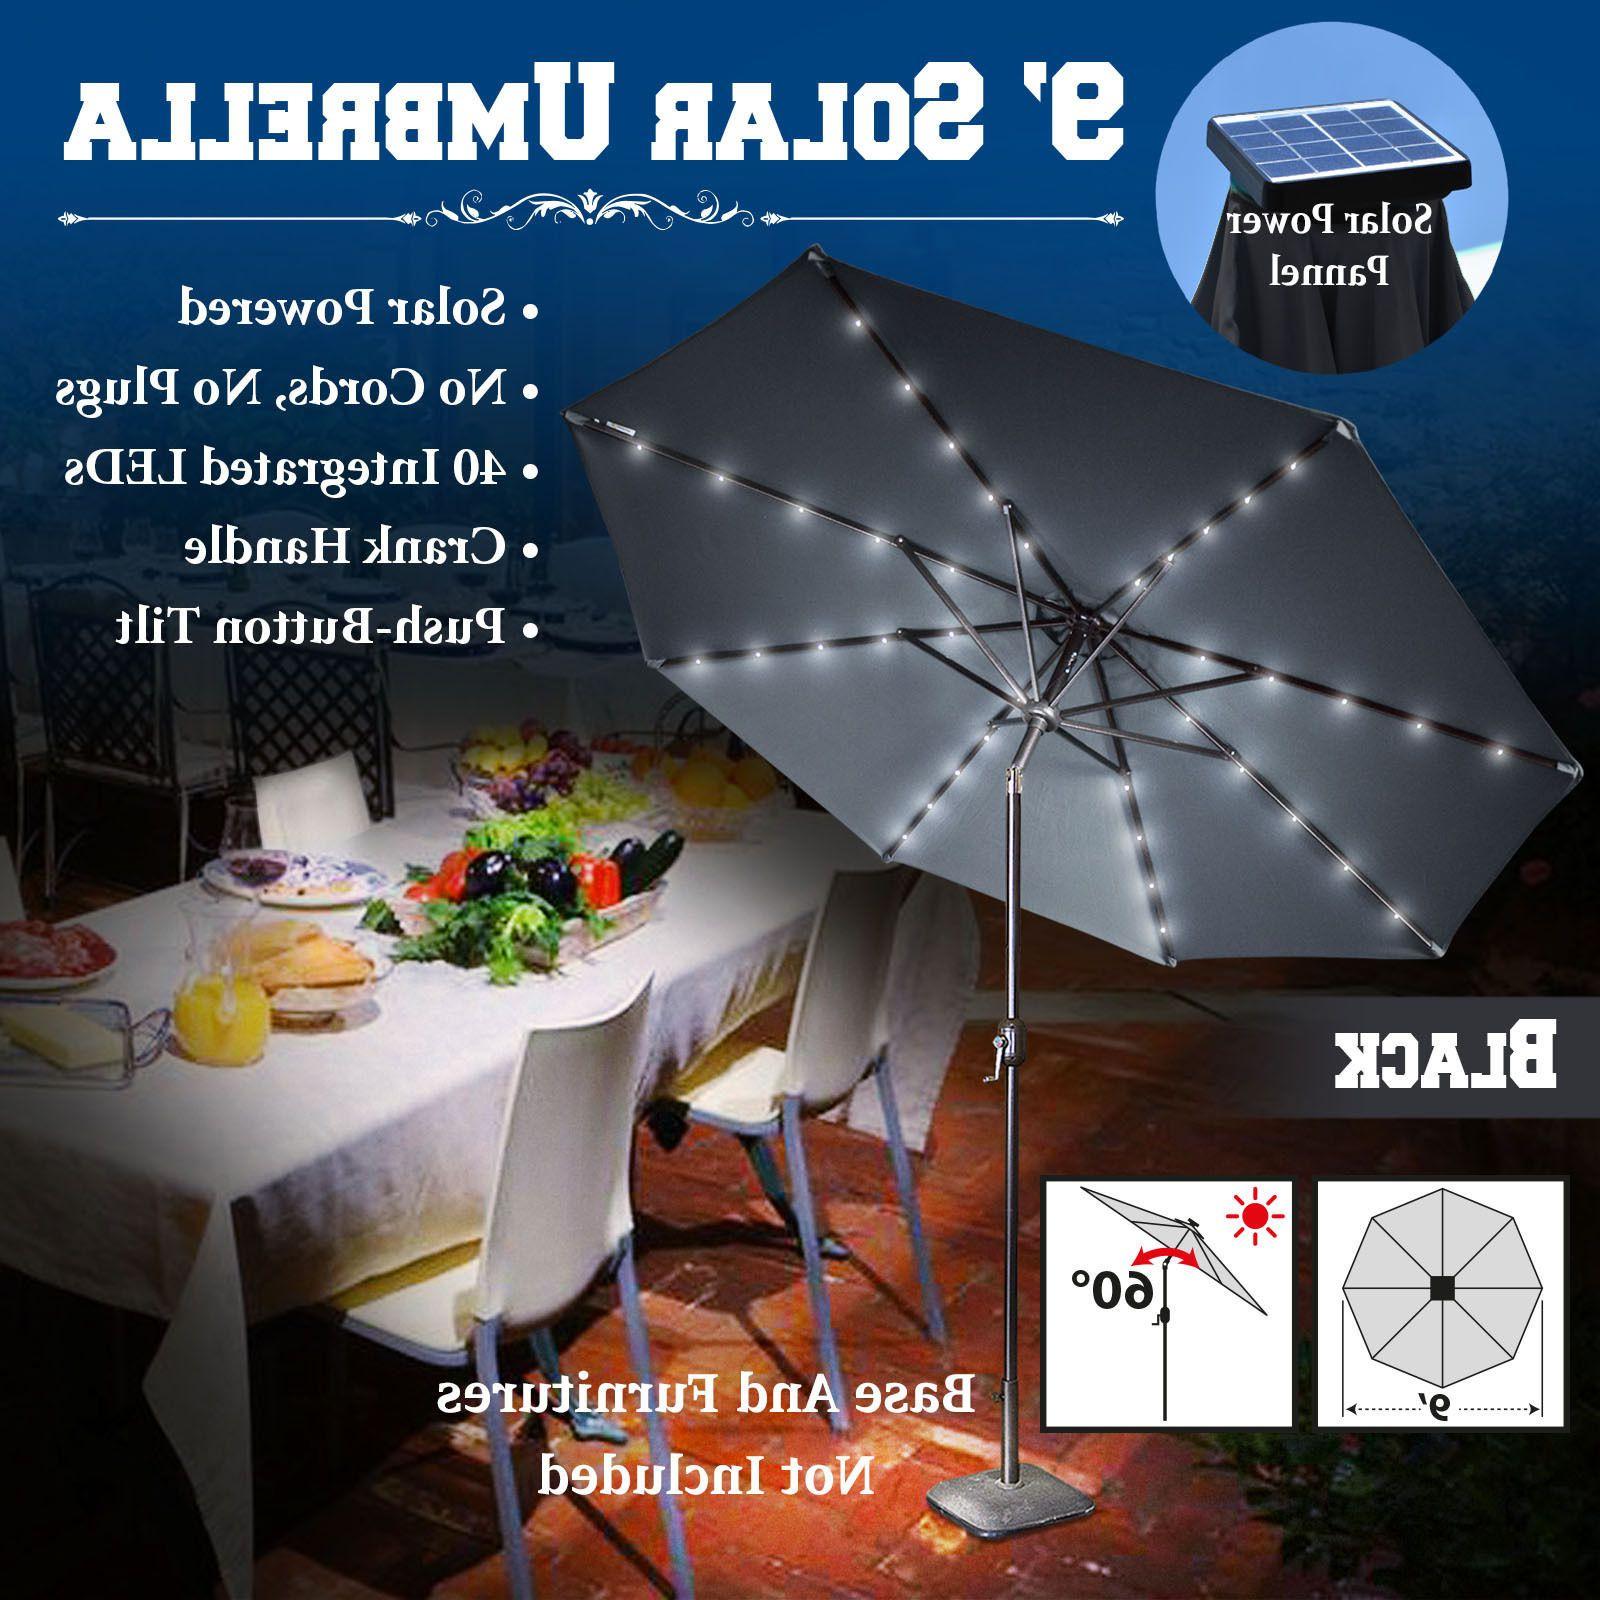 Outdoor Sun Shade, Umbrella For Most Popular Wiechmann Push Tilt Market Sunbrella Umbrellas (View 15 of 20)